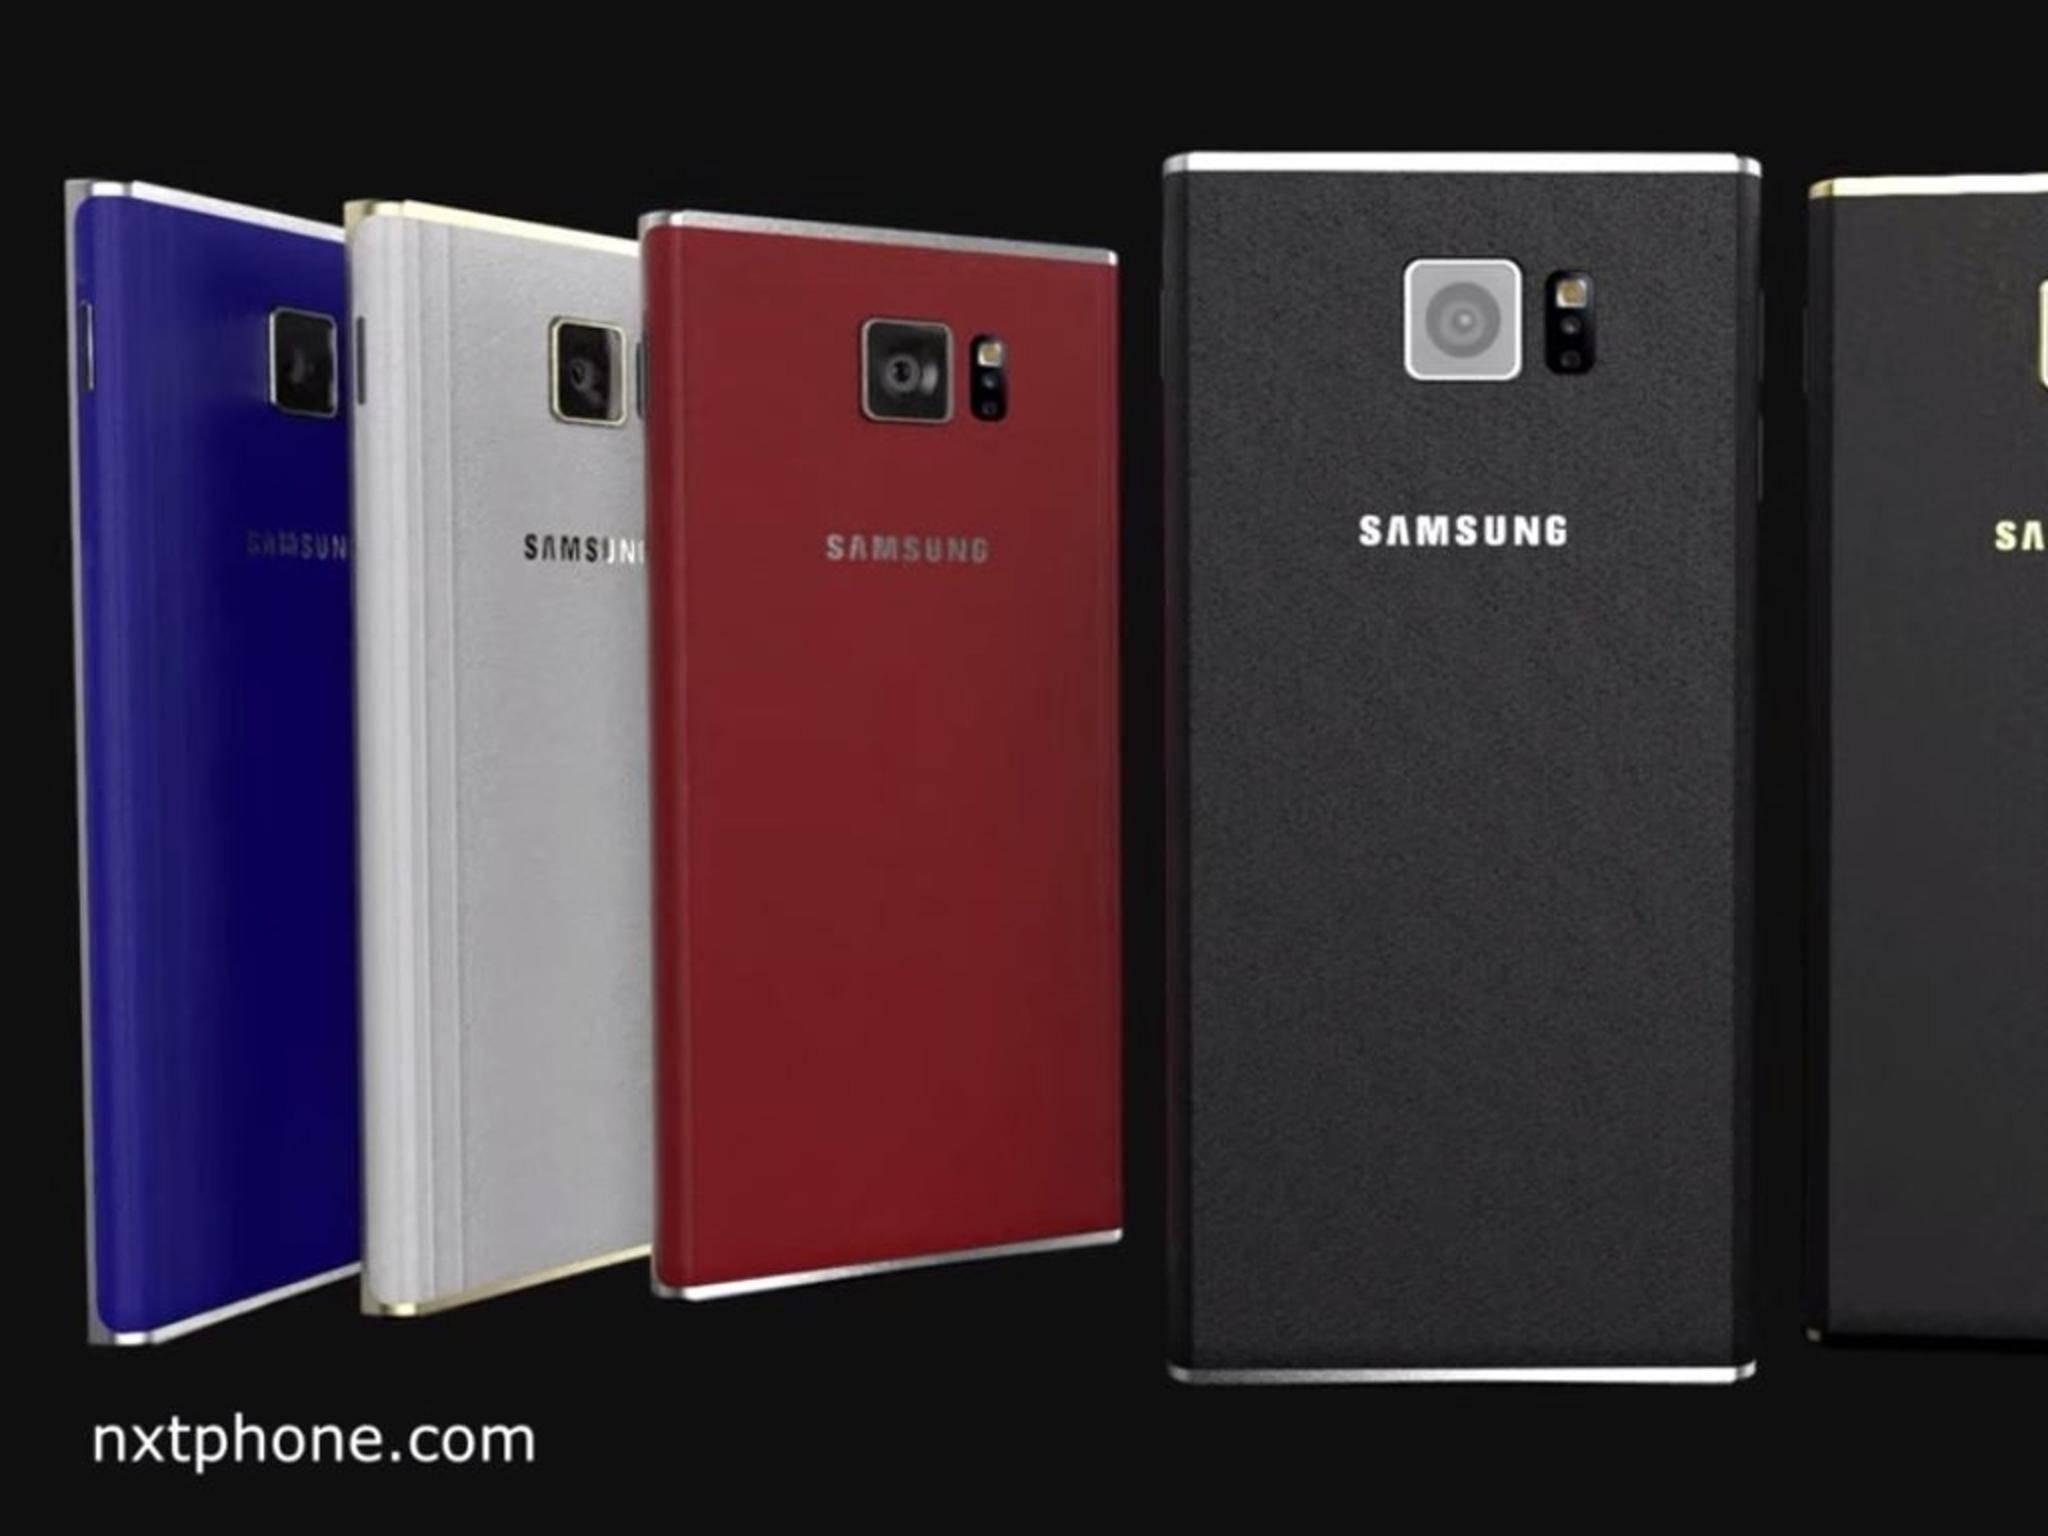 Nach dem Konzept könnte das Samsung Galaxy S7 in vier Farben erscheinen.